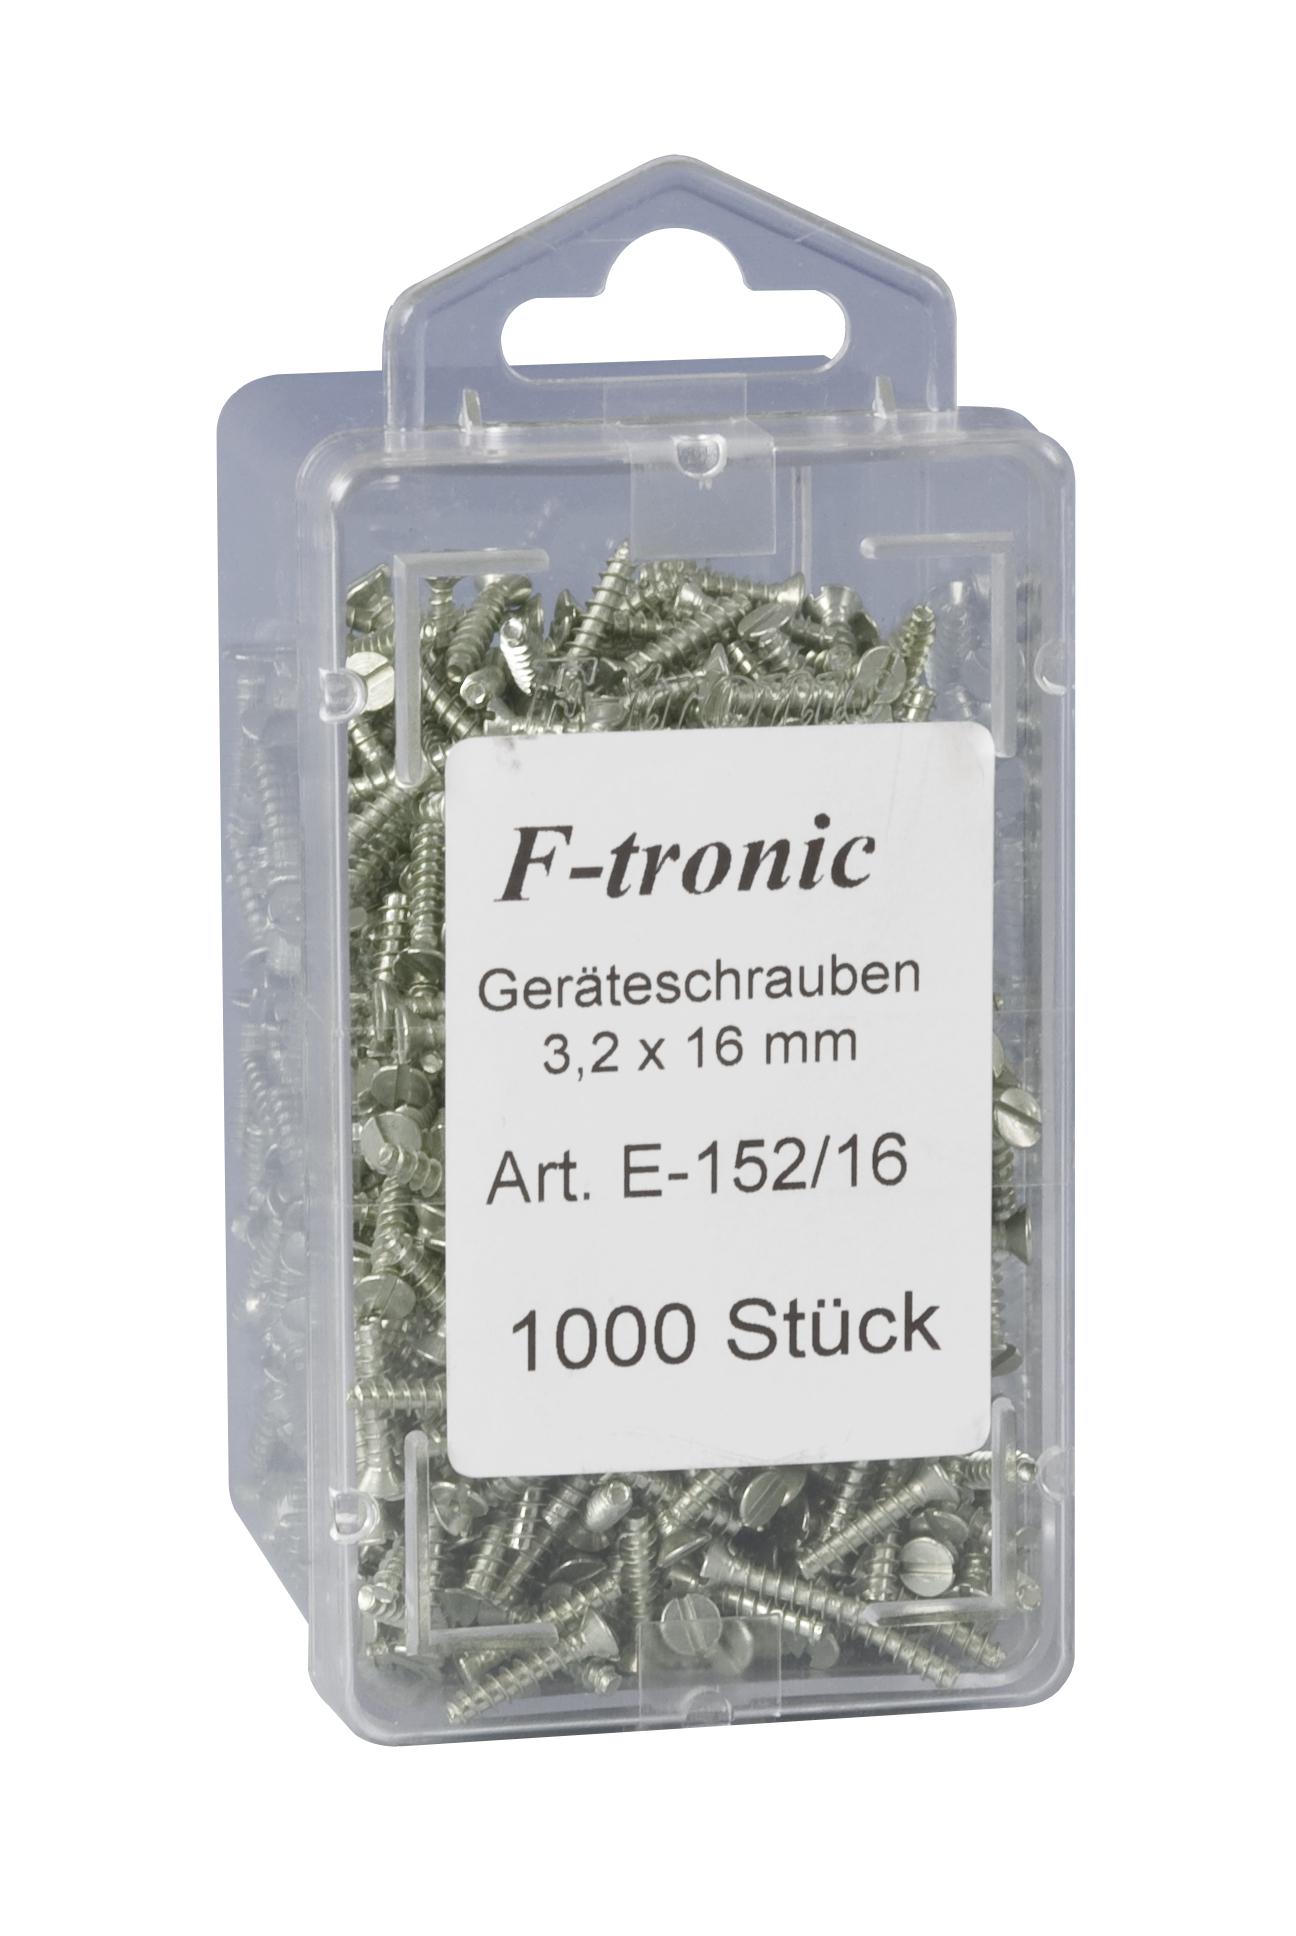 1 Stk Ersatzschrauben 3,2x15mm, 1000Stk Box (Schalterbefestigung) GTDZ152161